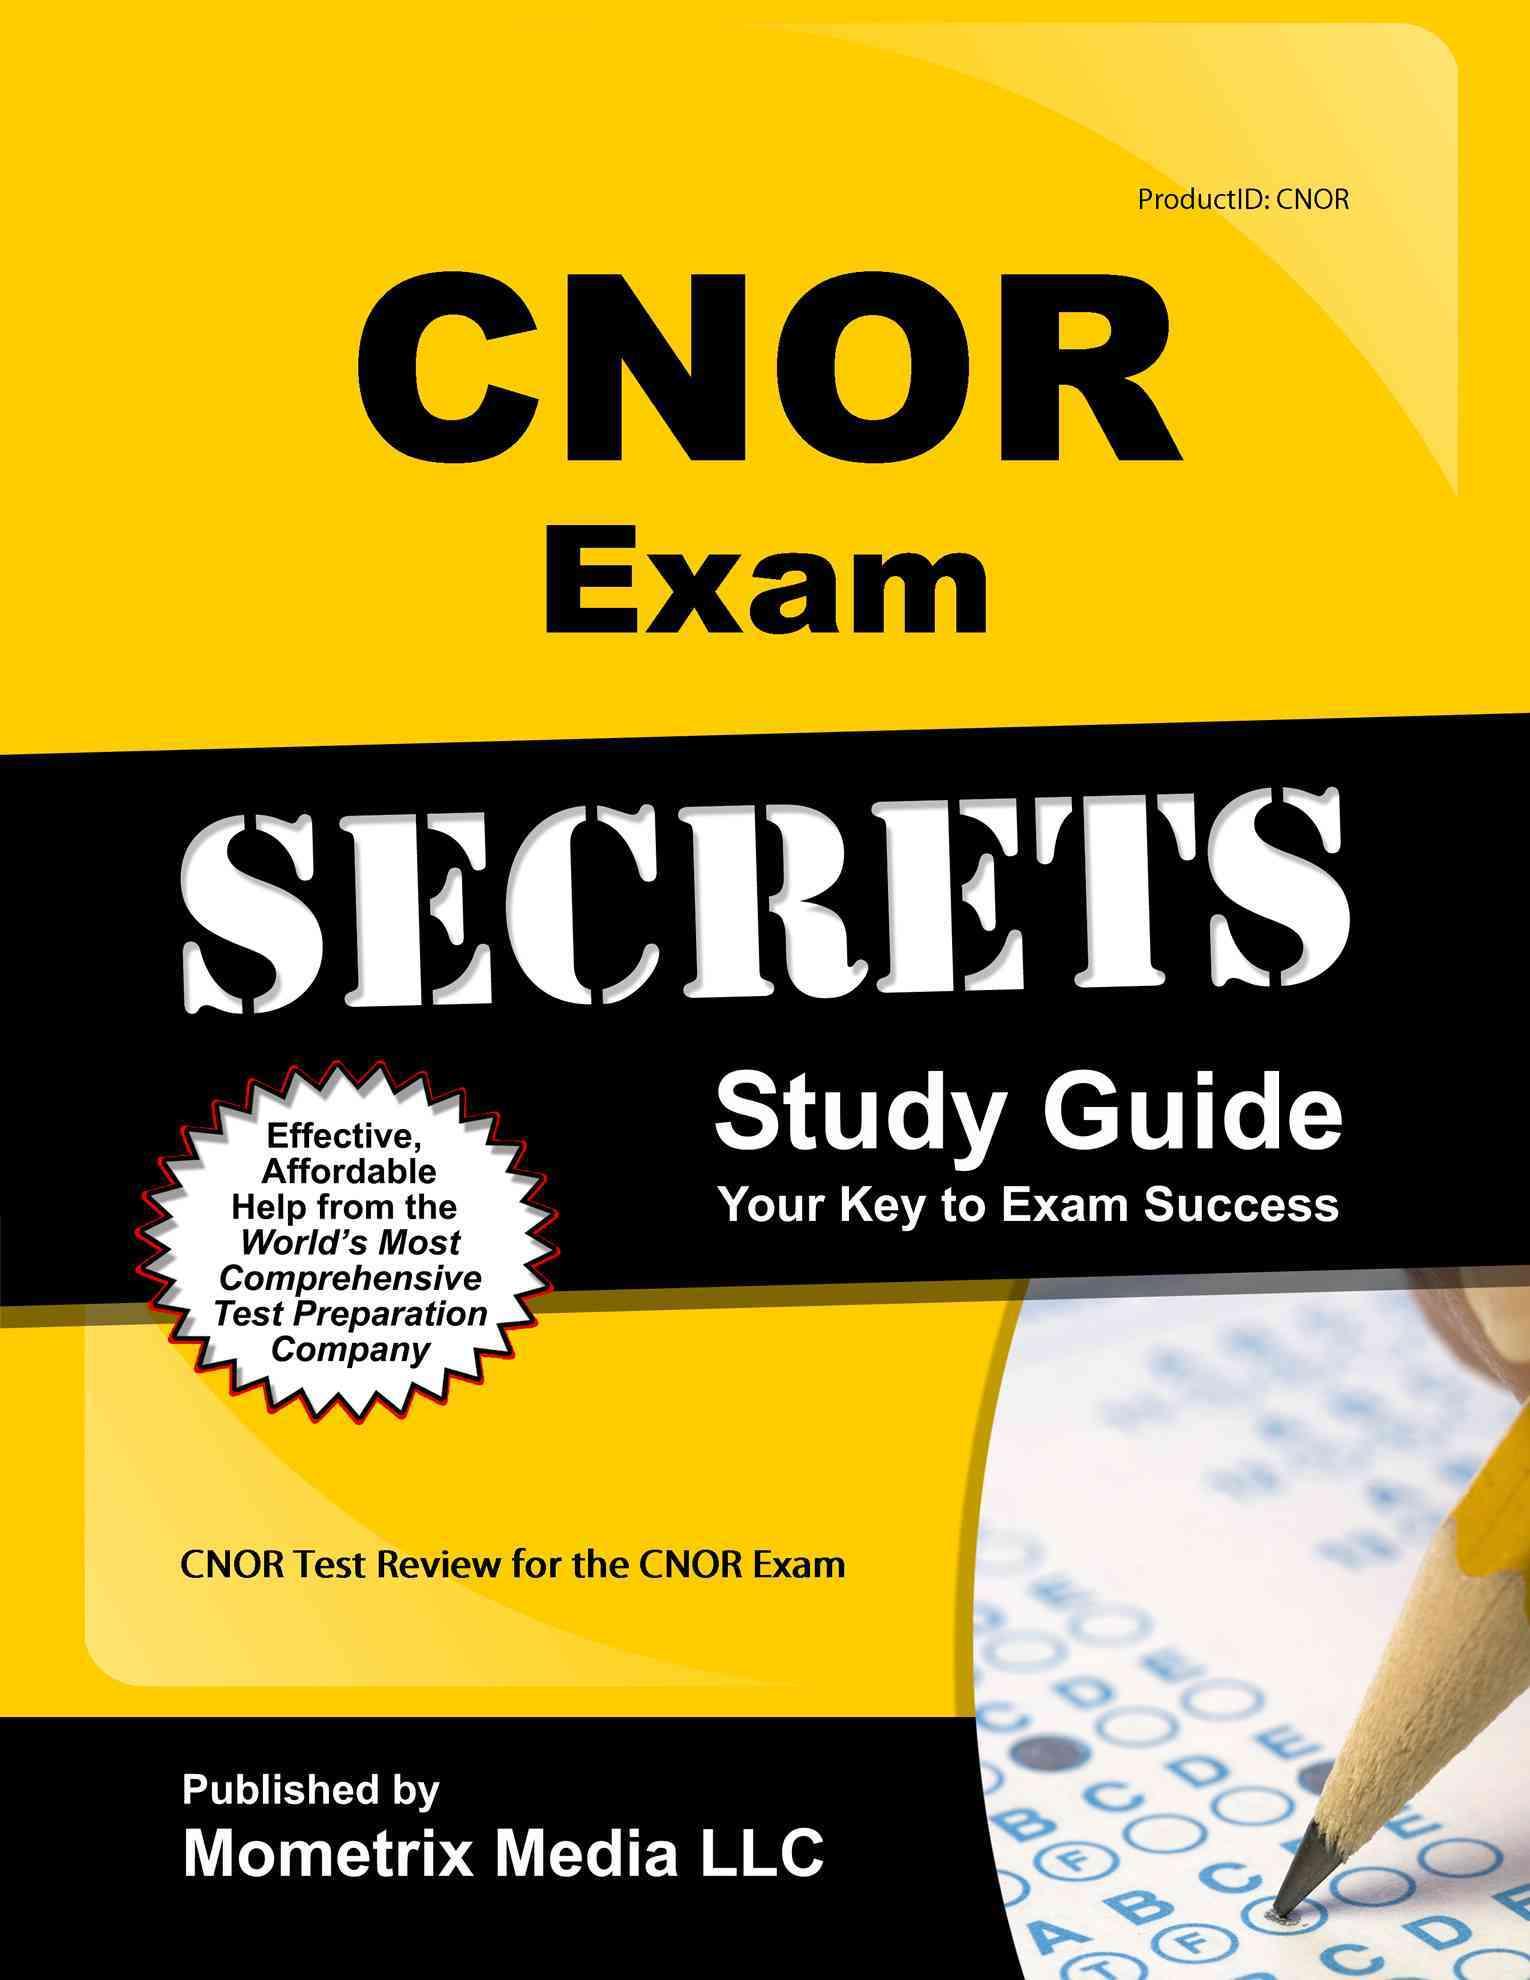 Cnor Exam Secrets Study Guide By Cnor Exam Secrets (EDT) [Study Guide Edition]